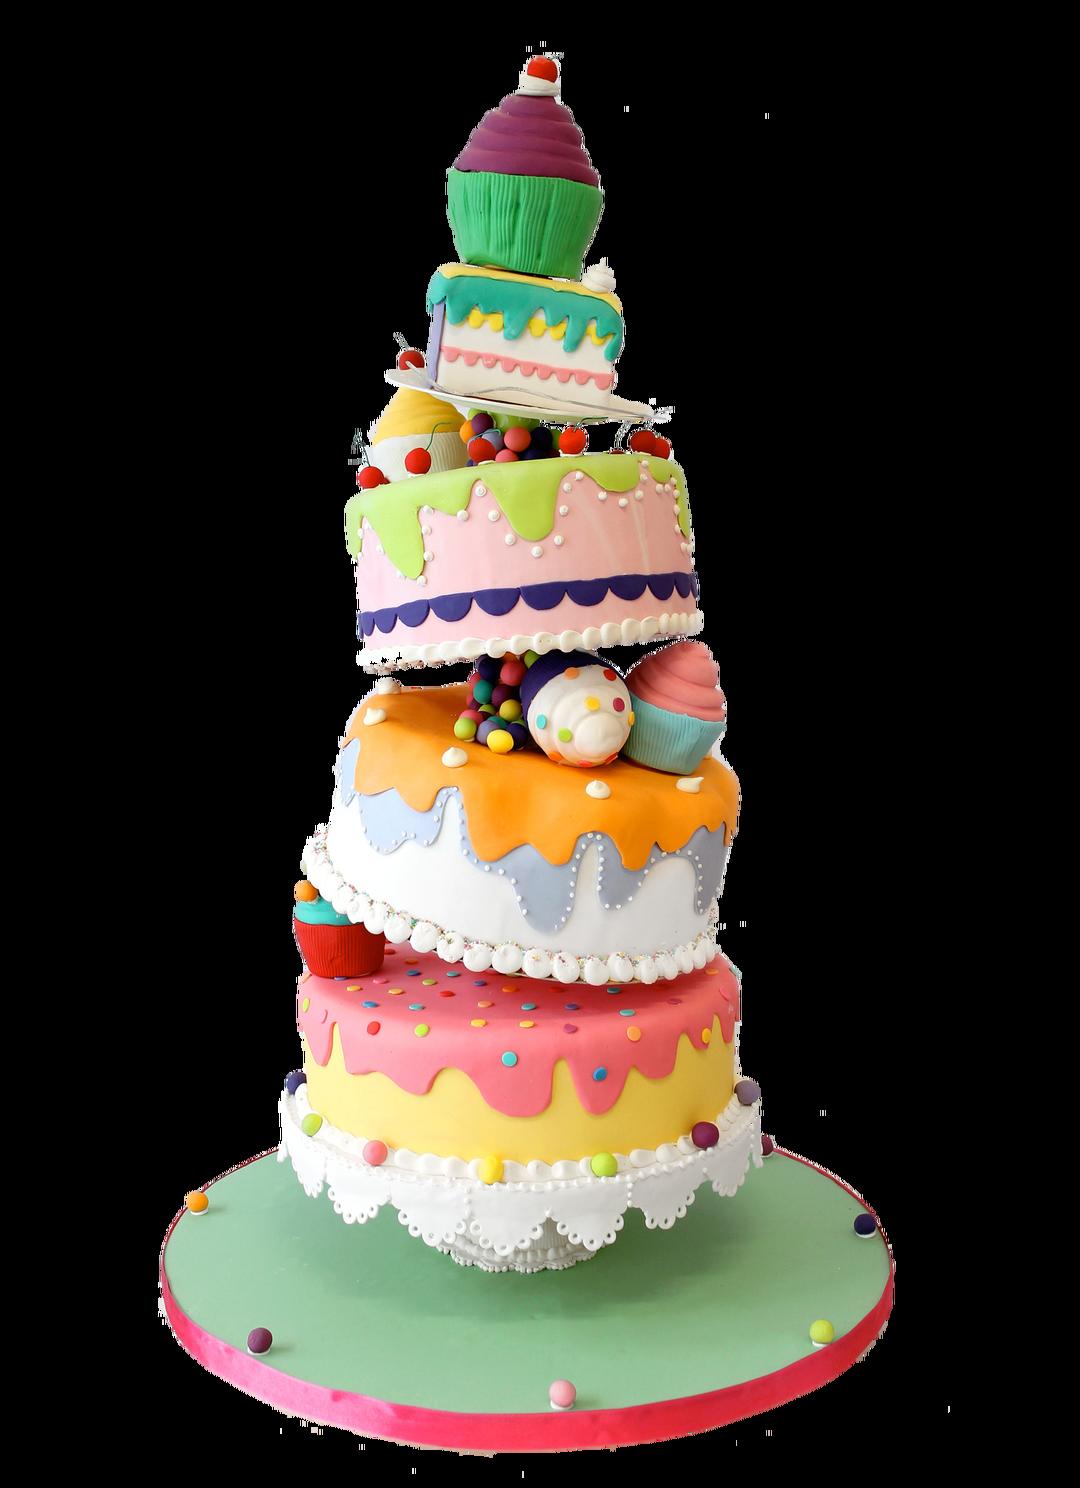 Polystyrene Fake Cupcake For Diy Or Cake Design